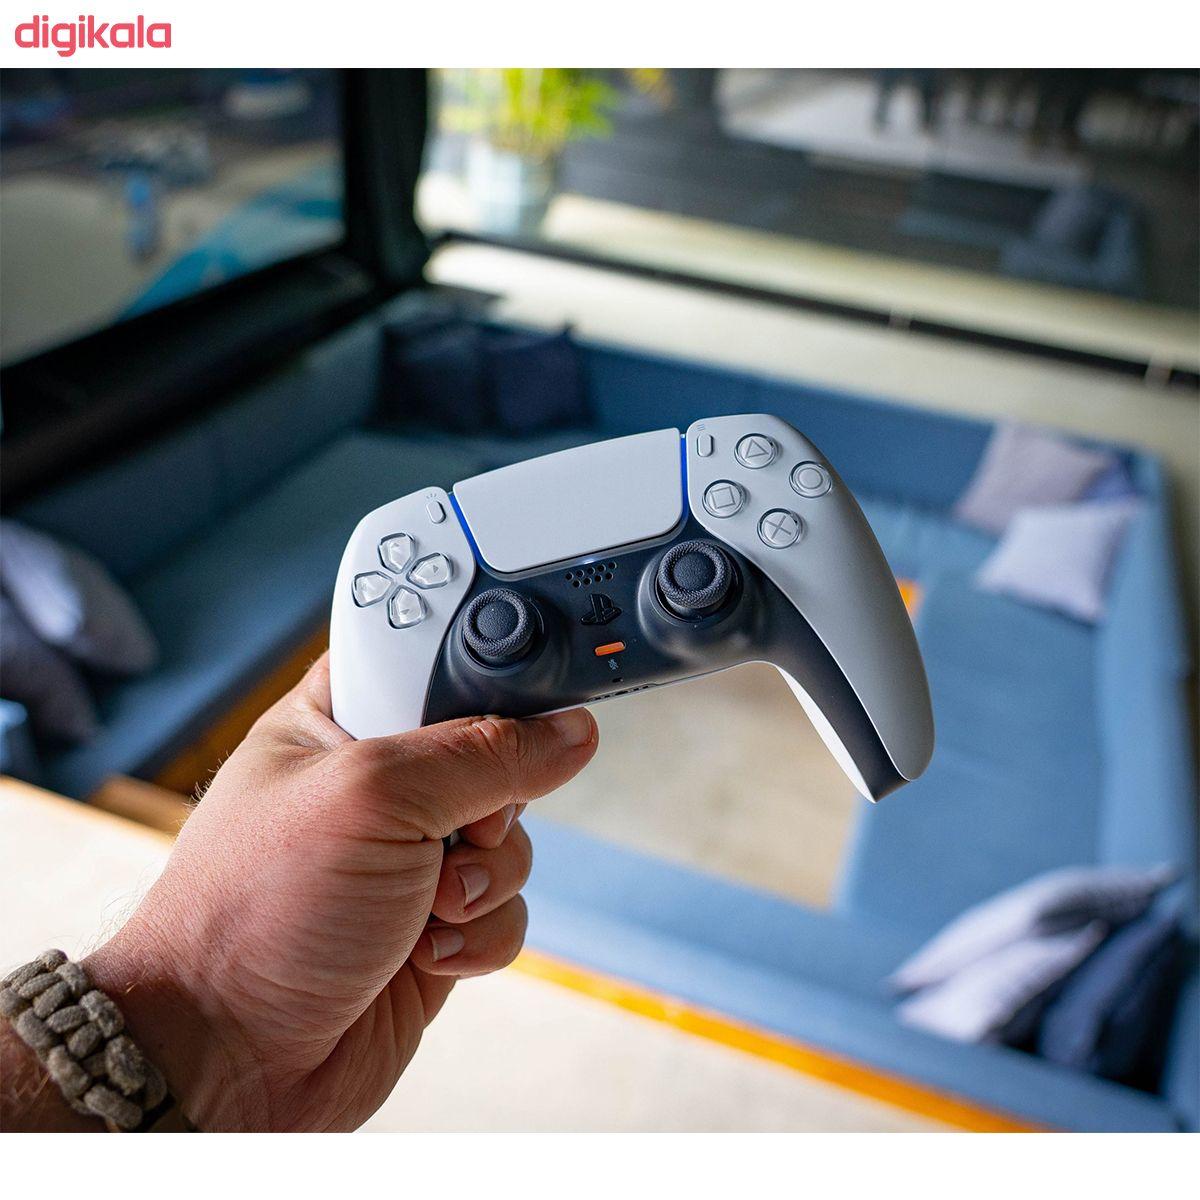 مجموعه کنسول بازی سونی مدل PlayStatio 5 Digital Edition ظرفیت 825 گیگابایت به همراه دسته اضافی main 1 4